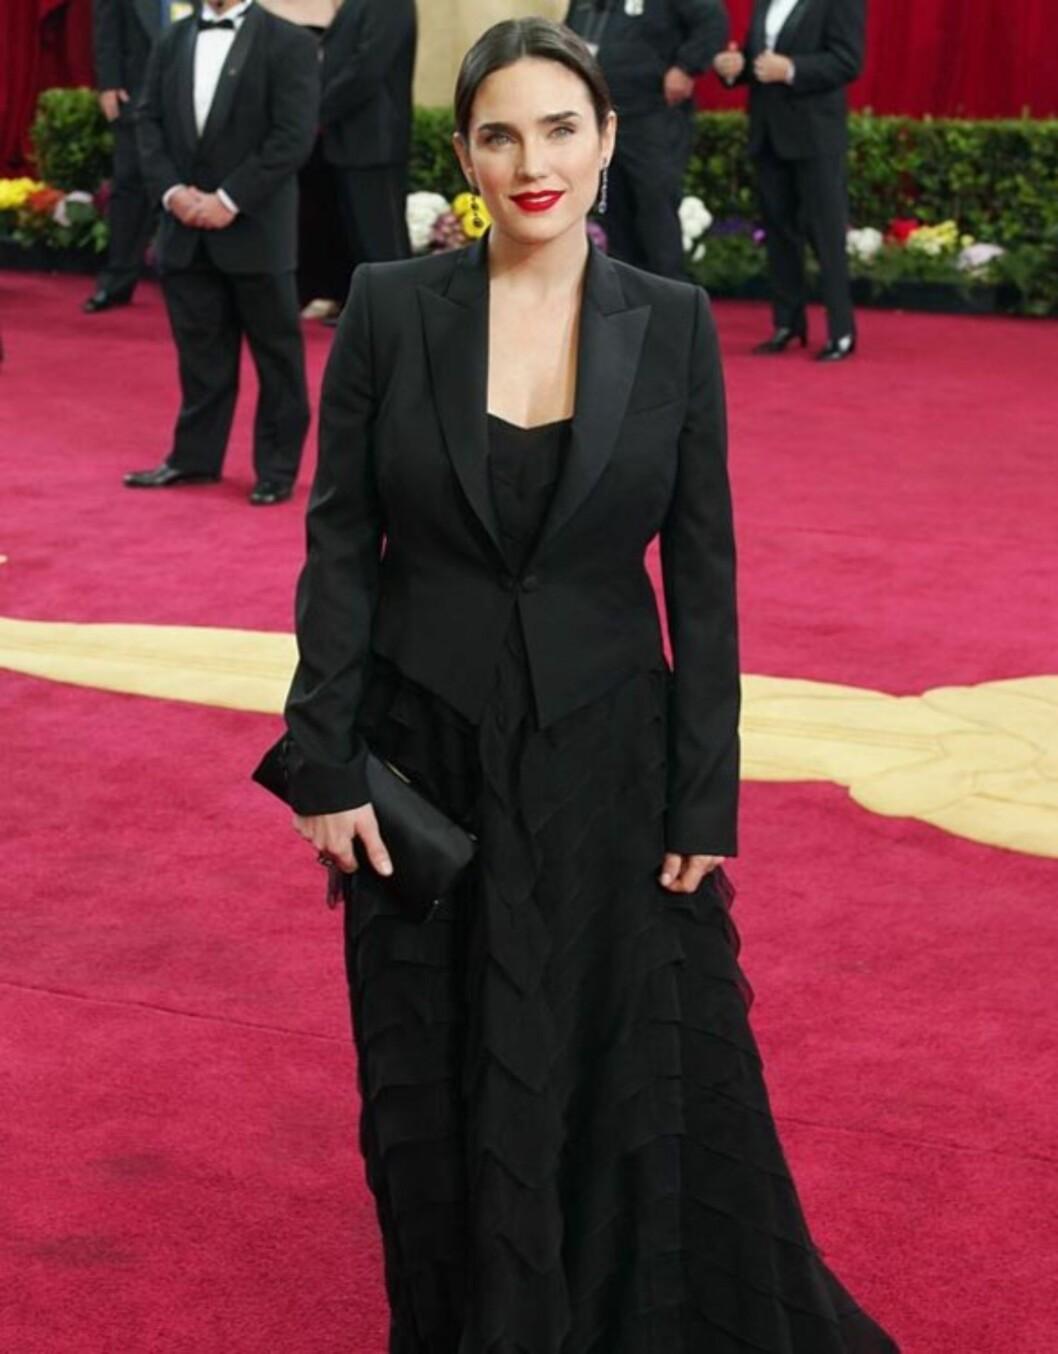 PÅKLEDD: Skuespiller Jennifer Connelly sitt helsorte og heldekkende antrekk klarte ikke å yte «Requiem For a Dream»-stjernens vakre utseende rettferdighet på Kodak Theatre i 2003...   Foto: All Over Press